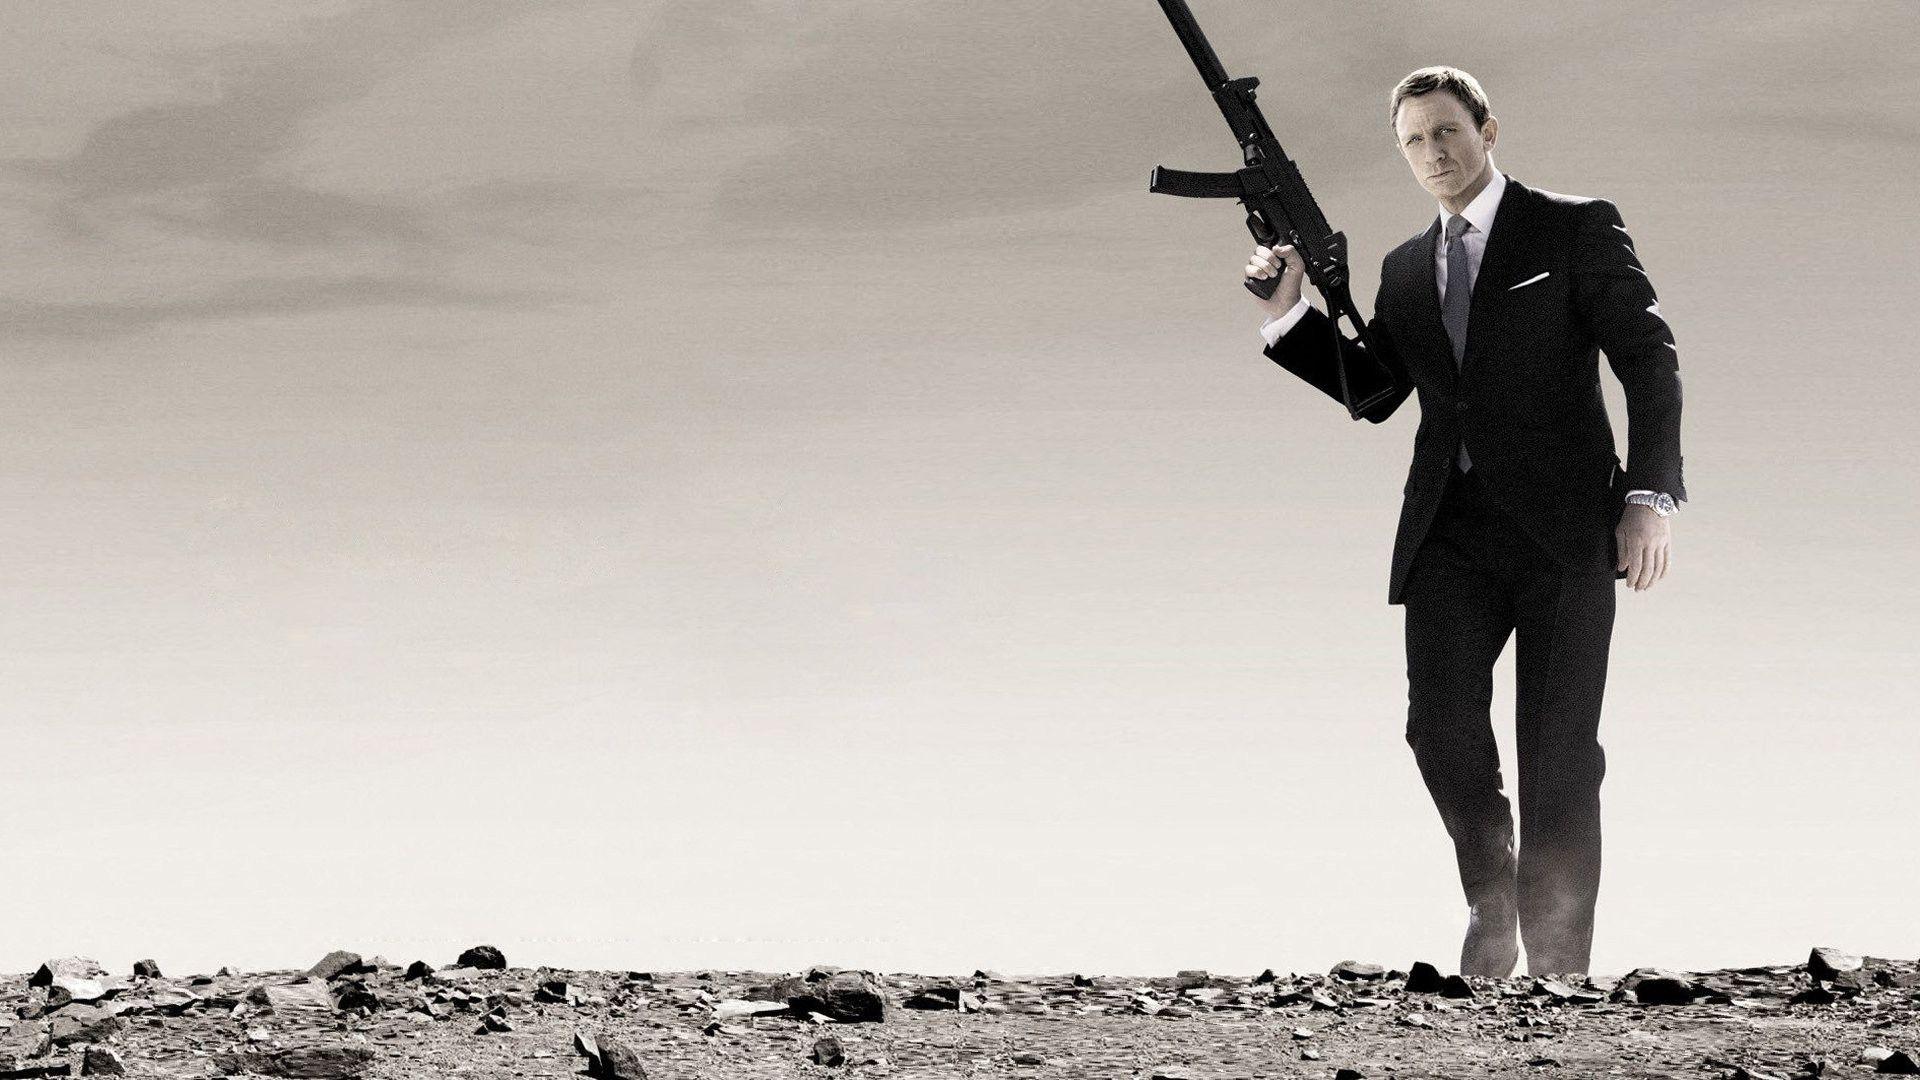 james bond gun barrel wallpaper | hd wallpapers | pinterest | james